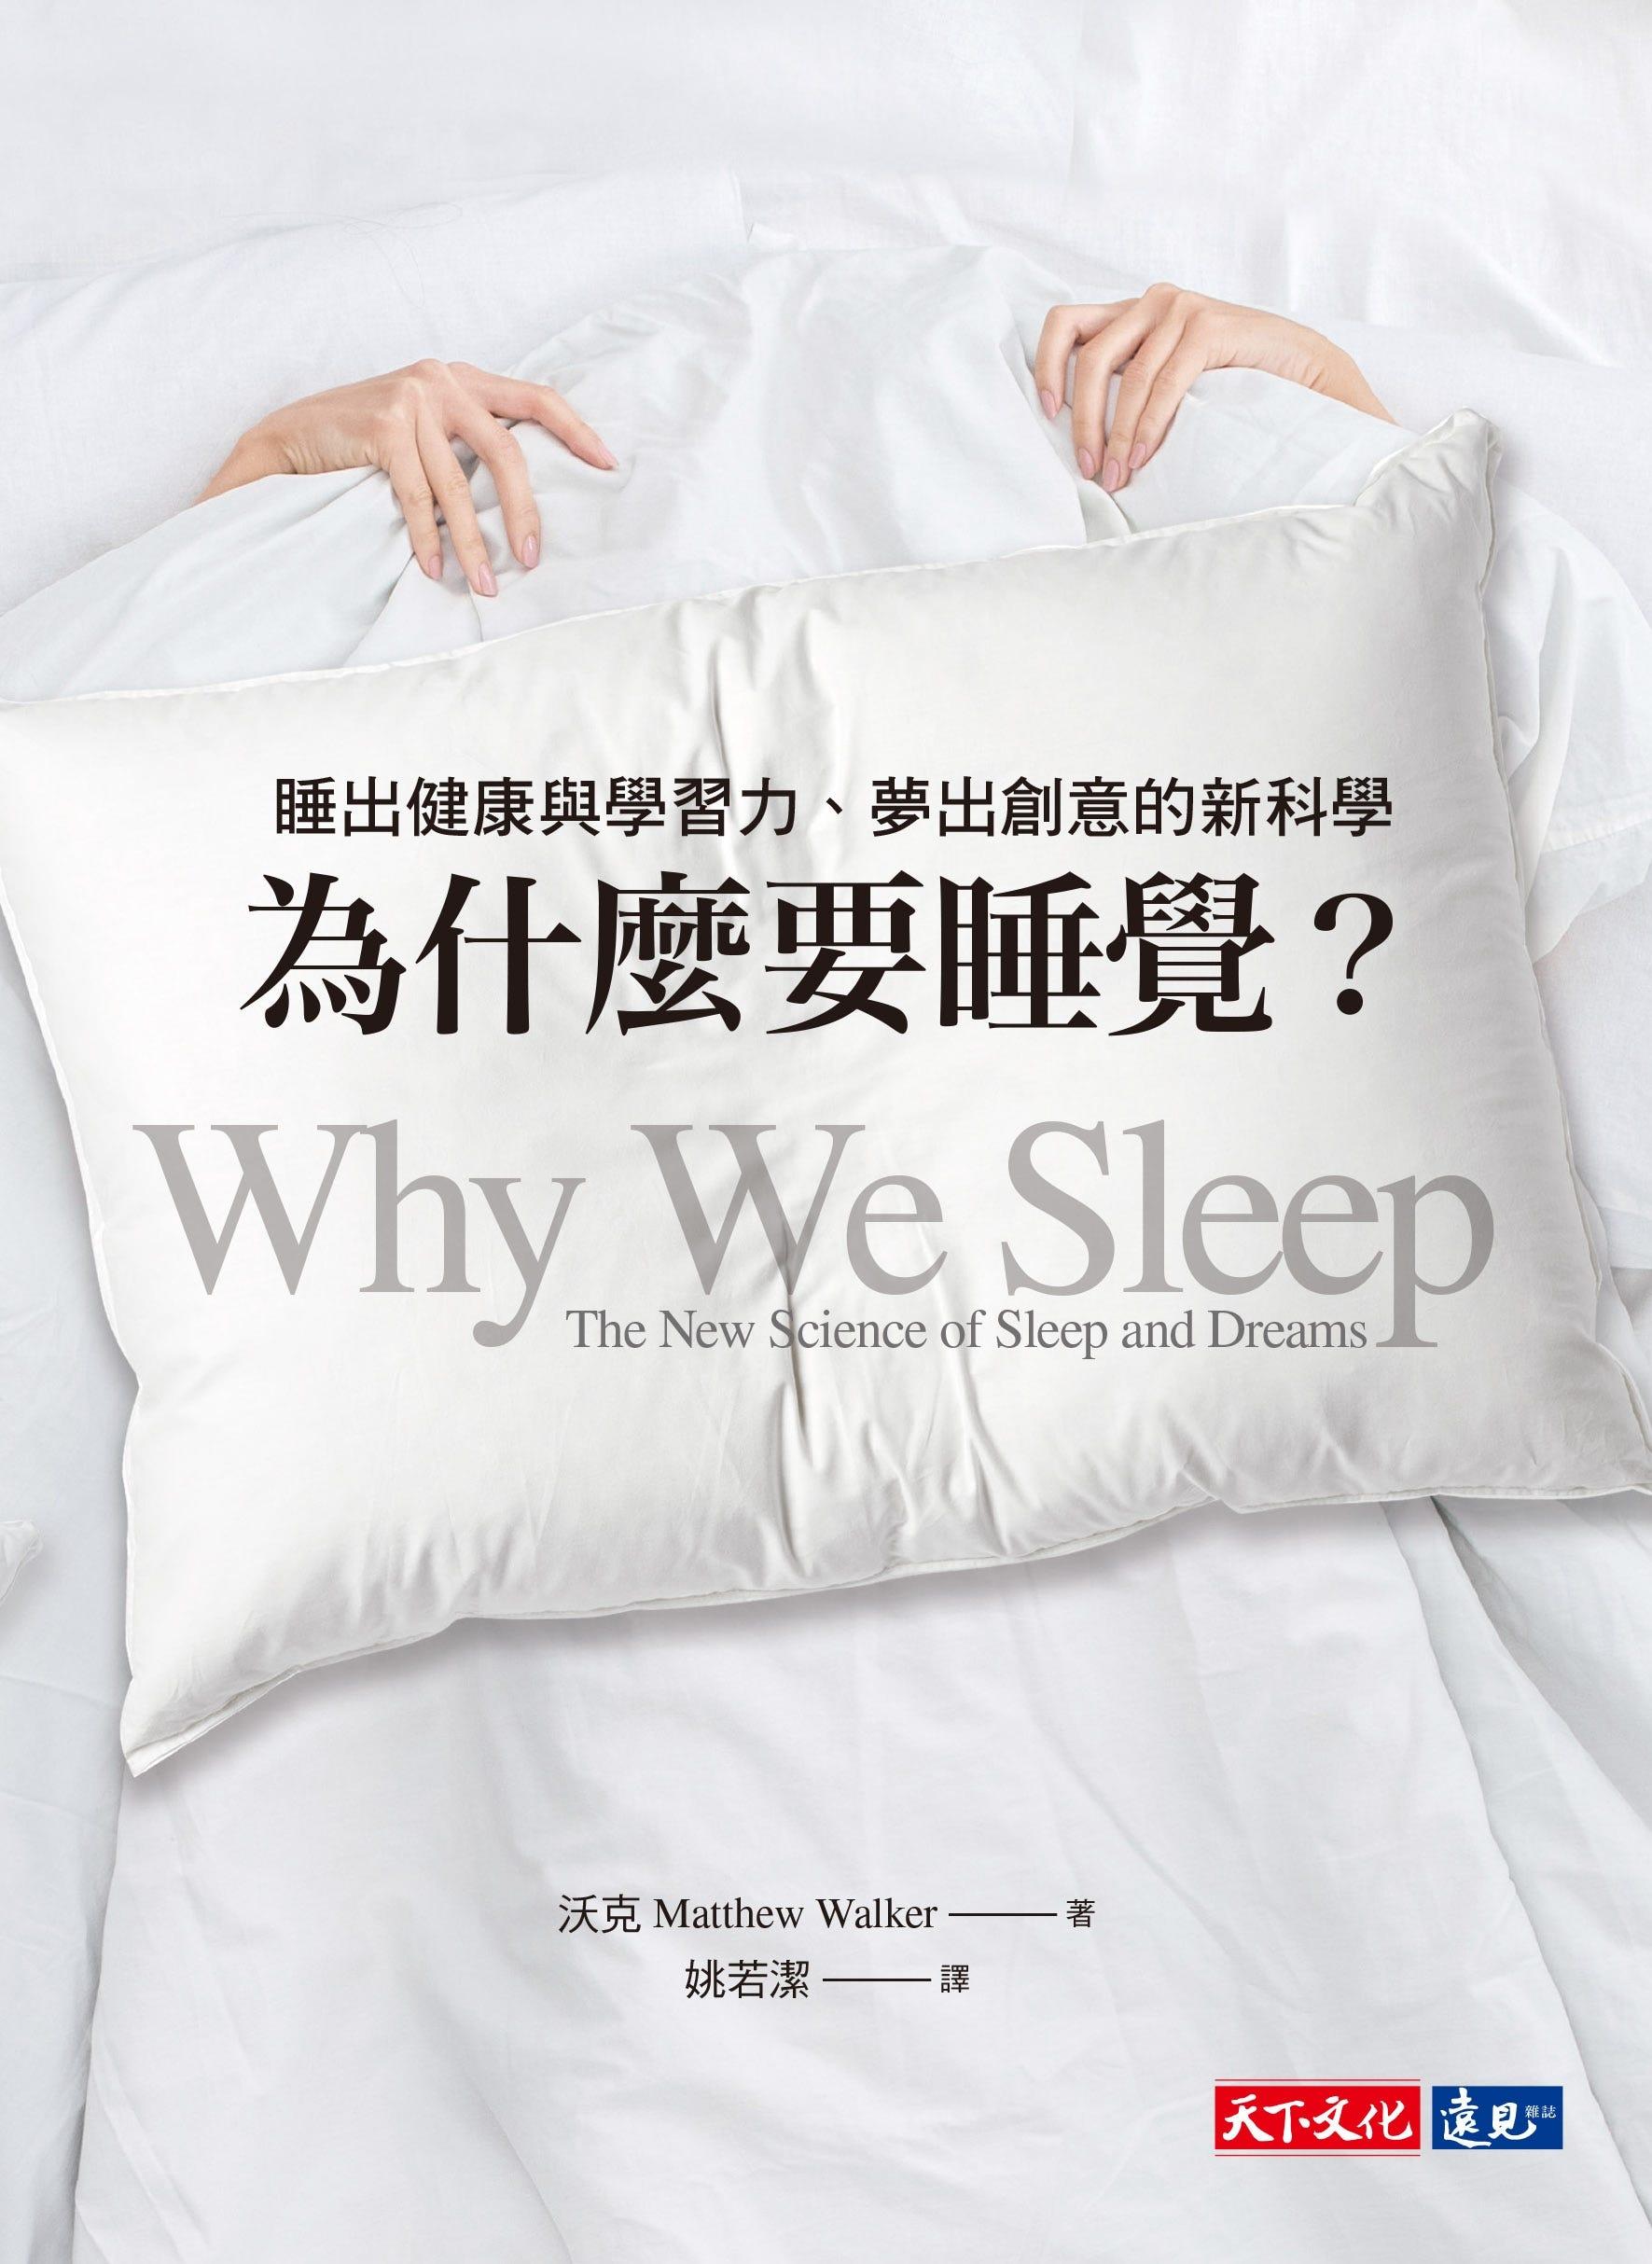 《為什麼要睡覺》殿堂級睡眠寶典打破11個迷思與12個好眠守則 - 瓦基閱讀前哨站 - Medium